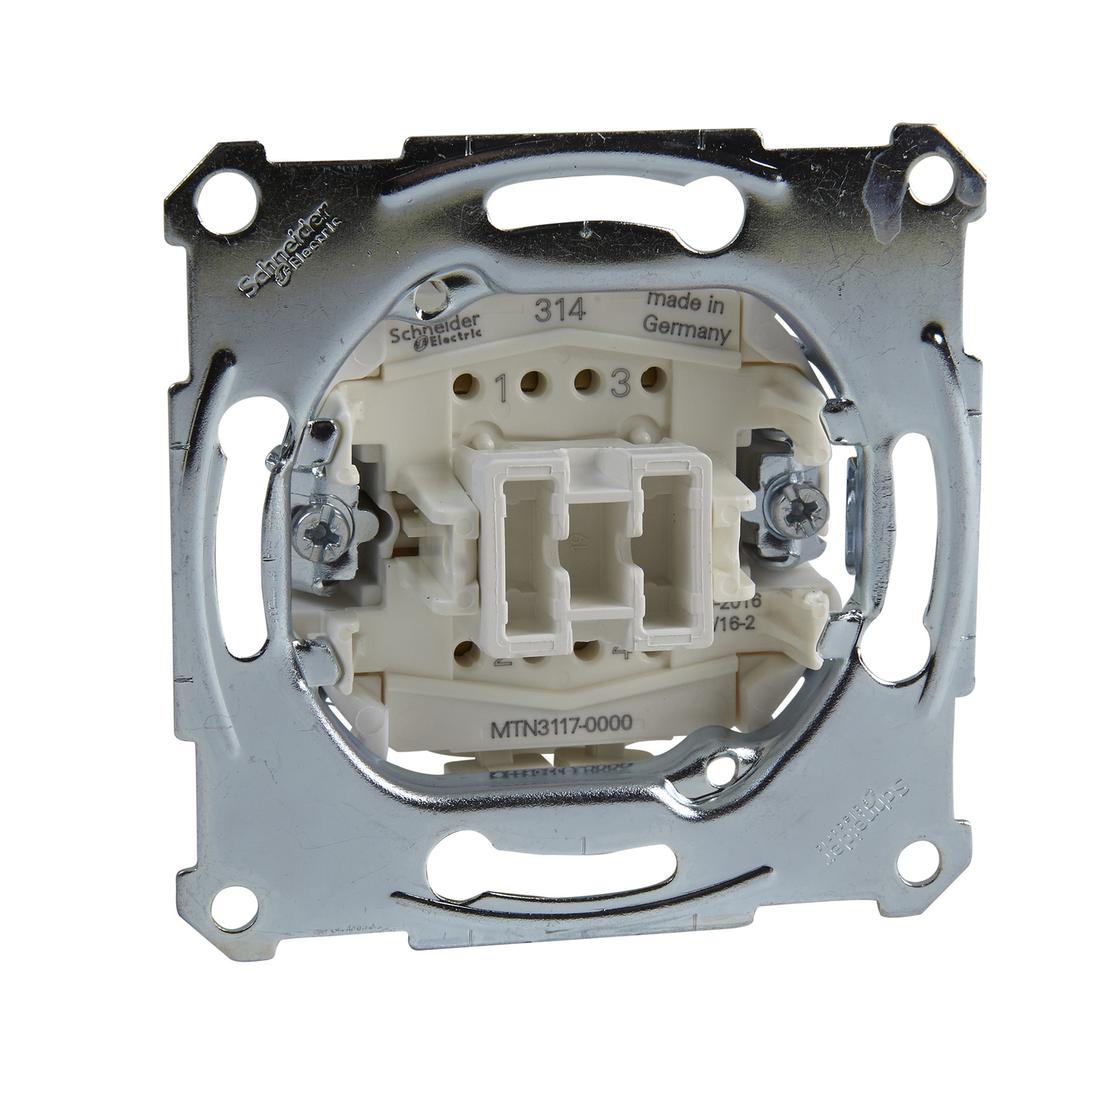 Schneider-Merten kruisschakelaarsokkel, 1-polig, 10 AX, AC 250 V, insteekklemmen (MTN3117-0000) per 10 stuks